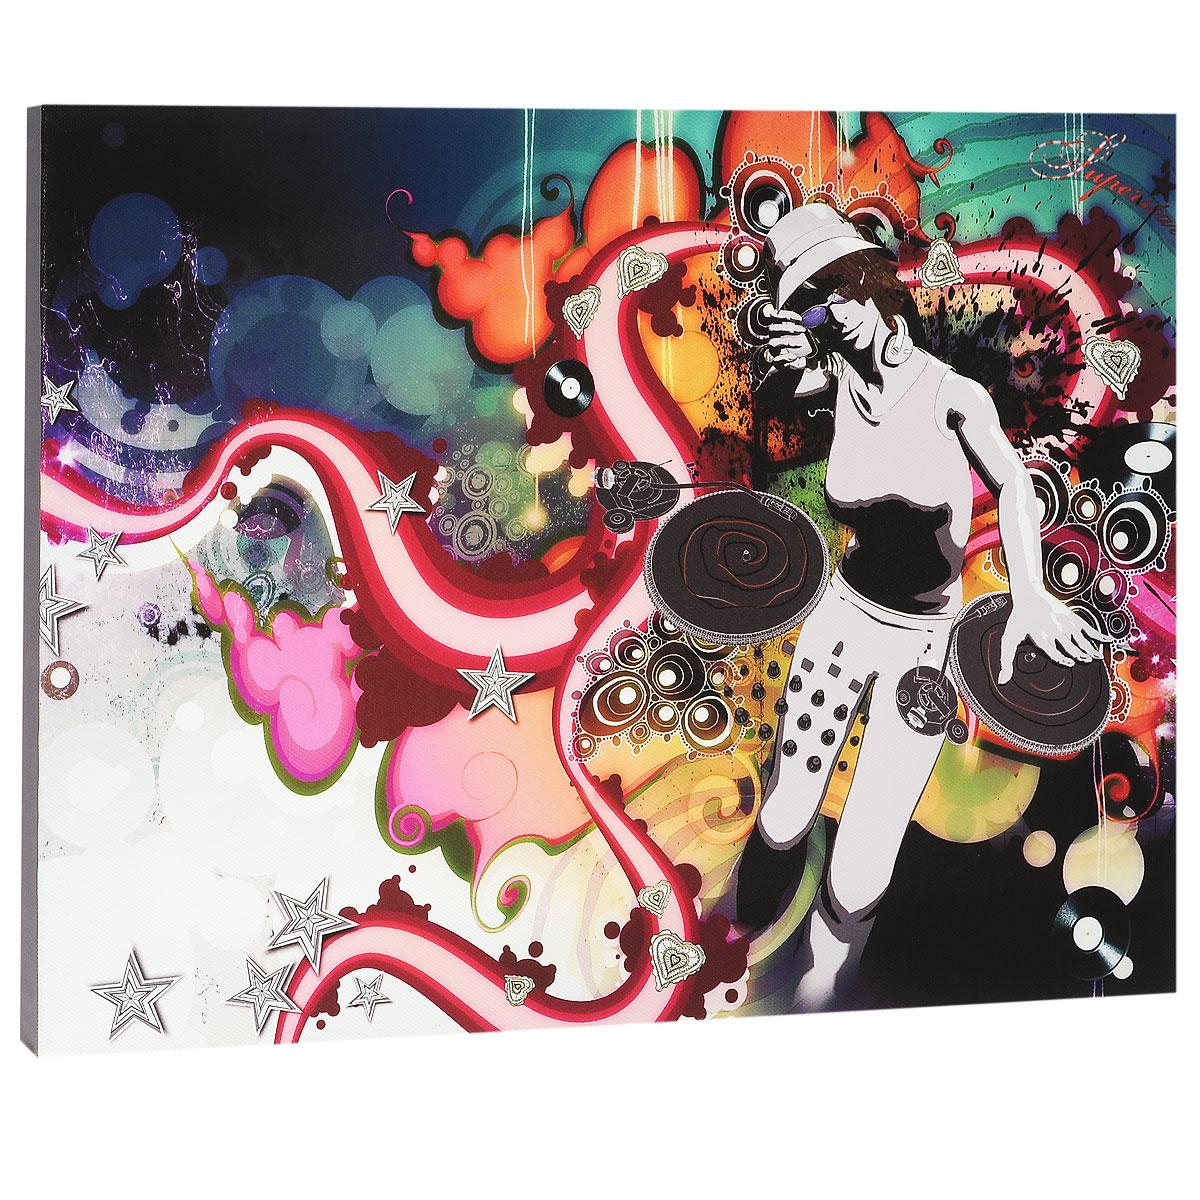 КвикДекор Картина на холсте Диджей, 40 см х 30 см1525Картина на холсте КвикДекор Диджей - это прекрасное украшение для вашей гостиной или спальни. Она привнесет в интерьер яркий акцент и сделает обстановку комфортной и уютной. A.k.A - лондонская студия-бутик, включающая в себя творческую группу художников, которые часто работают в тесном сотрудничестве друг с другом. Их работы были отмечены по всему миру для таких крупных компаний, как Dreamworks, Pepsi, Random House, Ford, Avia, Mazda, Future, TIME, Phillip Morris, Bacardi и многие другие. Студия A.k.A была даже номинирована на Оскар, как независимая студия анимации в Лондоне. Их работы создаются с помощью сочетания фотографий, 3D-моделирования, обработки в Photoshop, традиционного ретуширования, рисунка карандашом, векторной графики и пера и чернил. Этот уникальный и многоплановый стиль делает студию A.k.A выдающейся. Работы художников-дизайнеров студии сразу бросаются в глаза и мало кого оставляют равнодушными. Картина на холсте КвикДекор Диджей не нуждается в рамке или багете - галерейная натяжка холста на подрамники выполнена очень аккуратно, а боковые части картины запечатаны продолжением картинки либо тоновой заливкой. На обратной стороне подрамника есть отверстие, благодаря которому картину можно легко закрепить на стене, и подкорректировать ее положение. Картина на холсте Диджей дизайн-студии A.k.A станет отличным украшением для вашего интерьера!